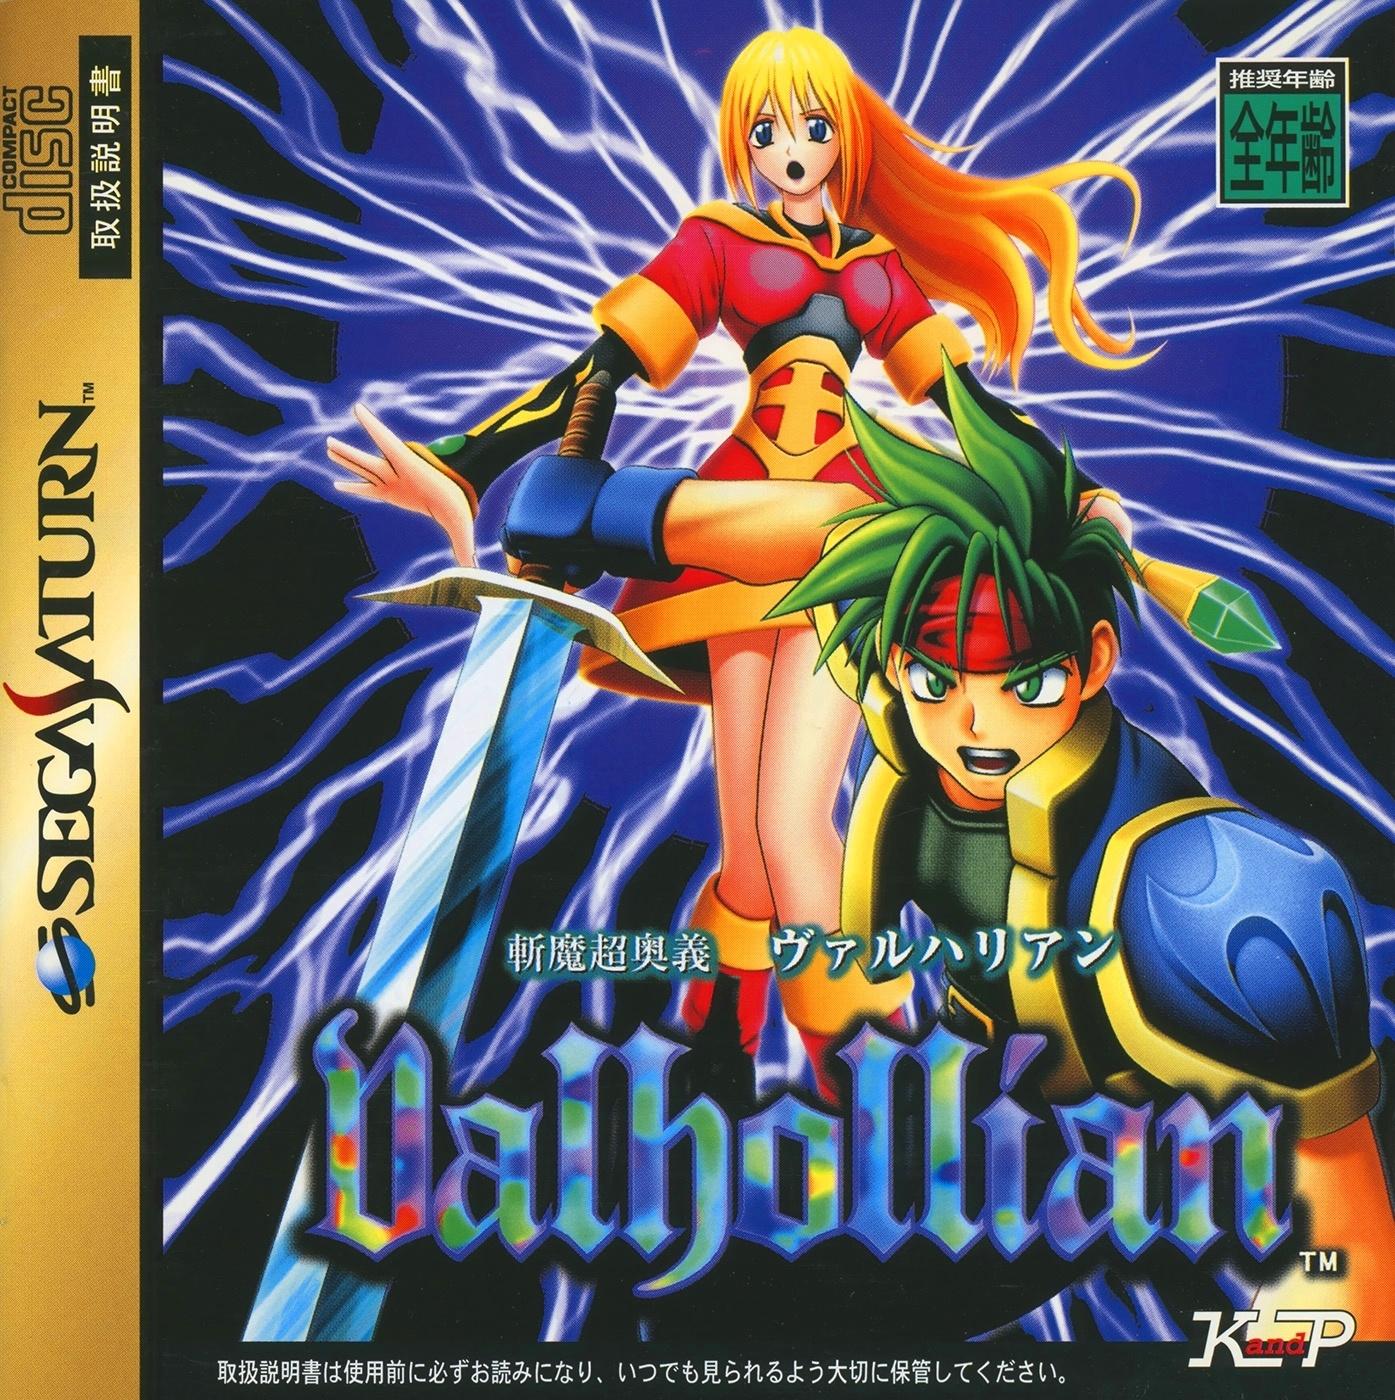 Front boxart of the game Zanma Chou Ougi - Valhollian (Japan) on Sega Saturn